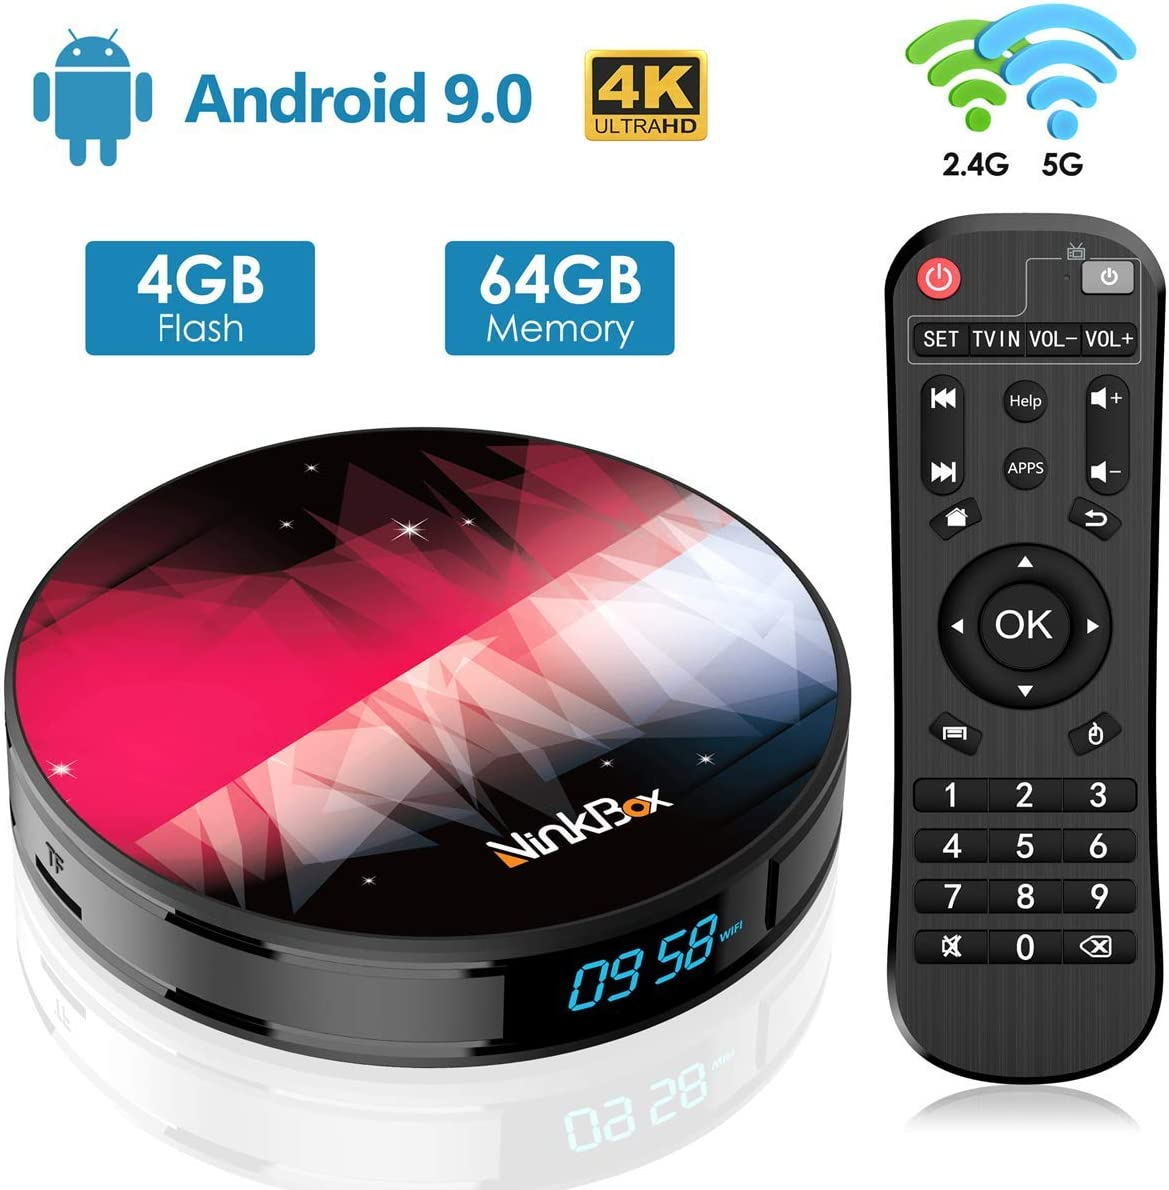 Android 9.0 TV Box【4GB RAM+64GB ROM】 NinkBox N2 Plus RK3318 Quad-Core 64bit Cortex-A53, Android TV Box WiFi 2.4G/5G, 3D Ultra HD 4K, USB 3.0, BT 4.0 Smart TV Box